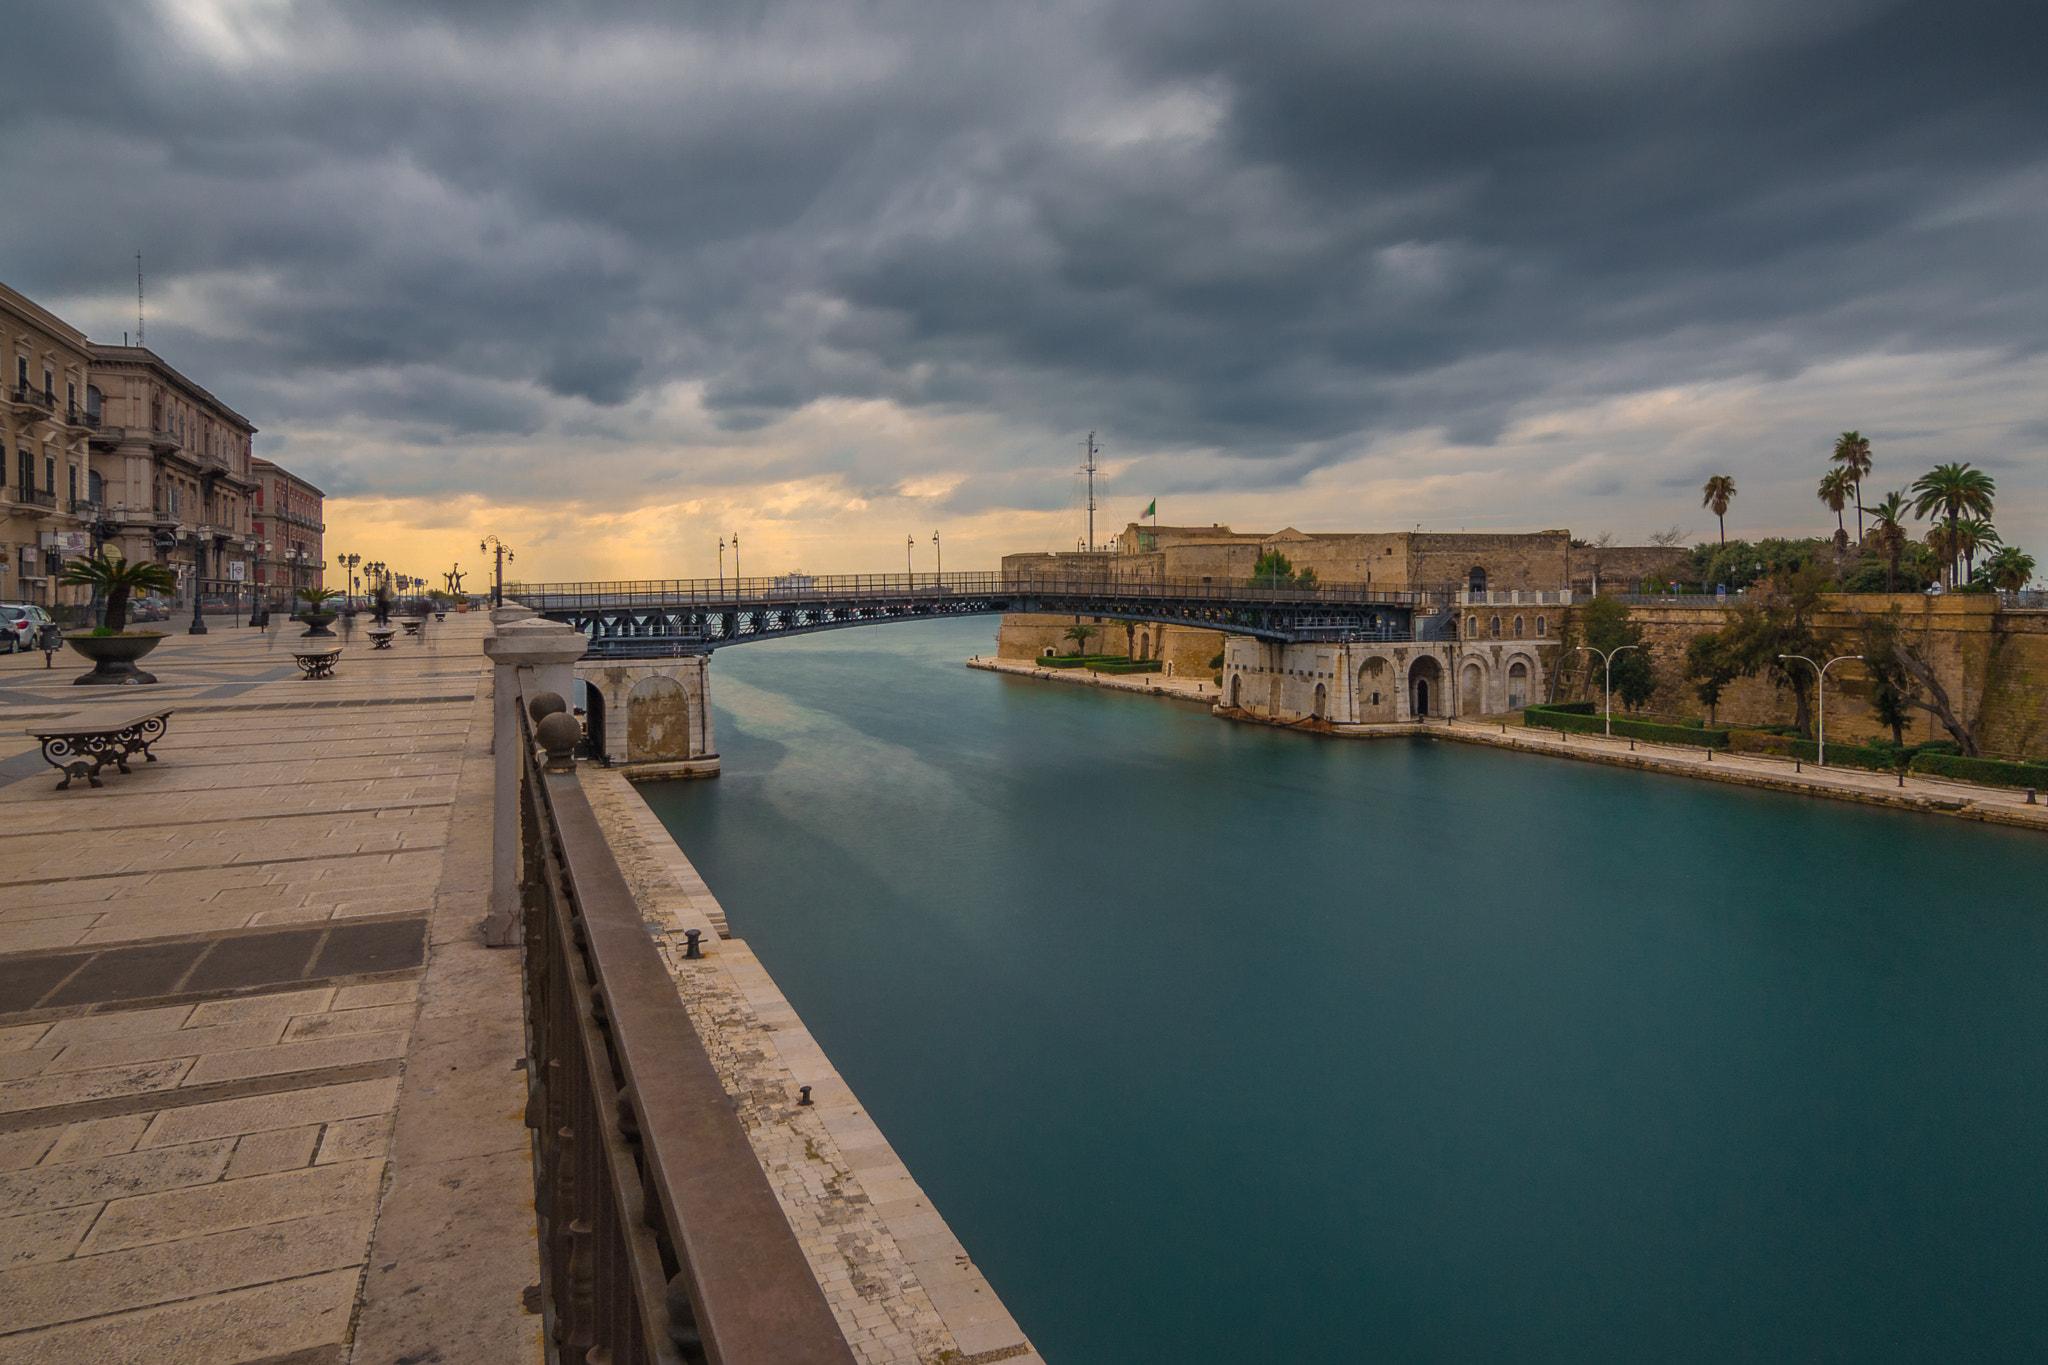 taranto il ponte girevole – Laterradipuglia.it